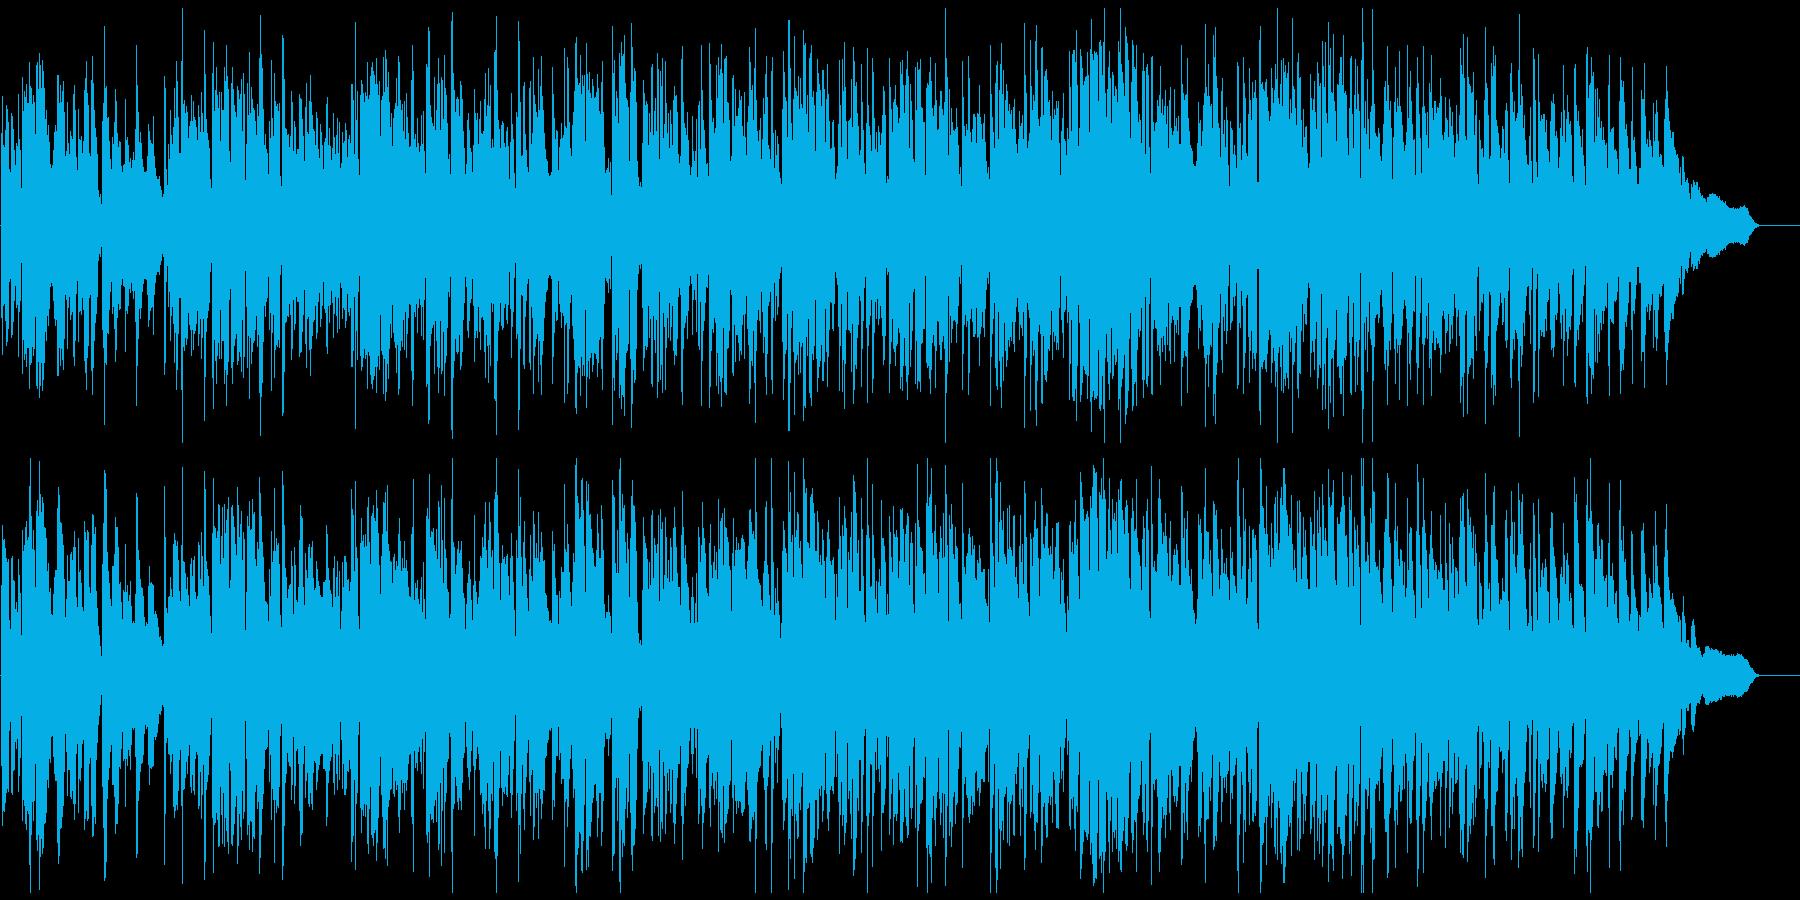 軽快リズムの爽やかジャズ、サックス生演奏の再生済みの波形